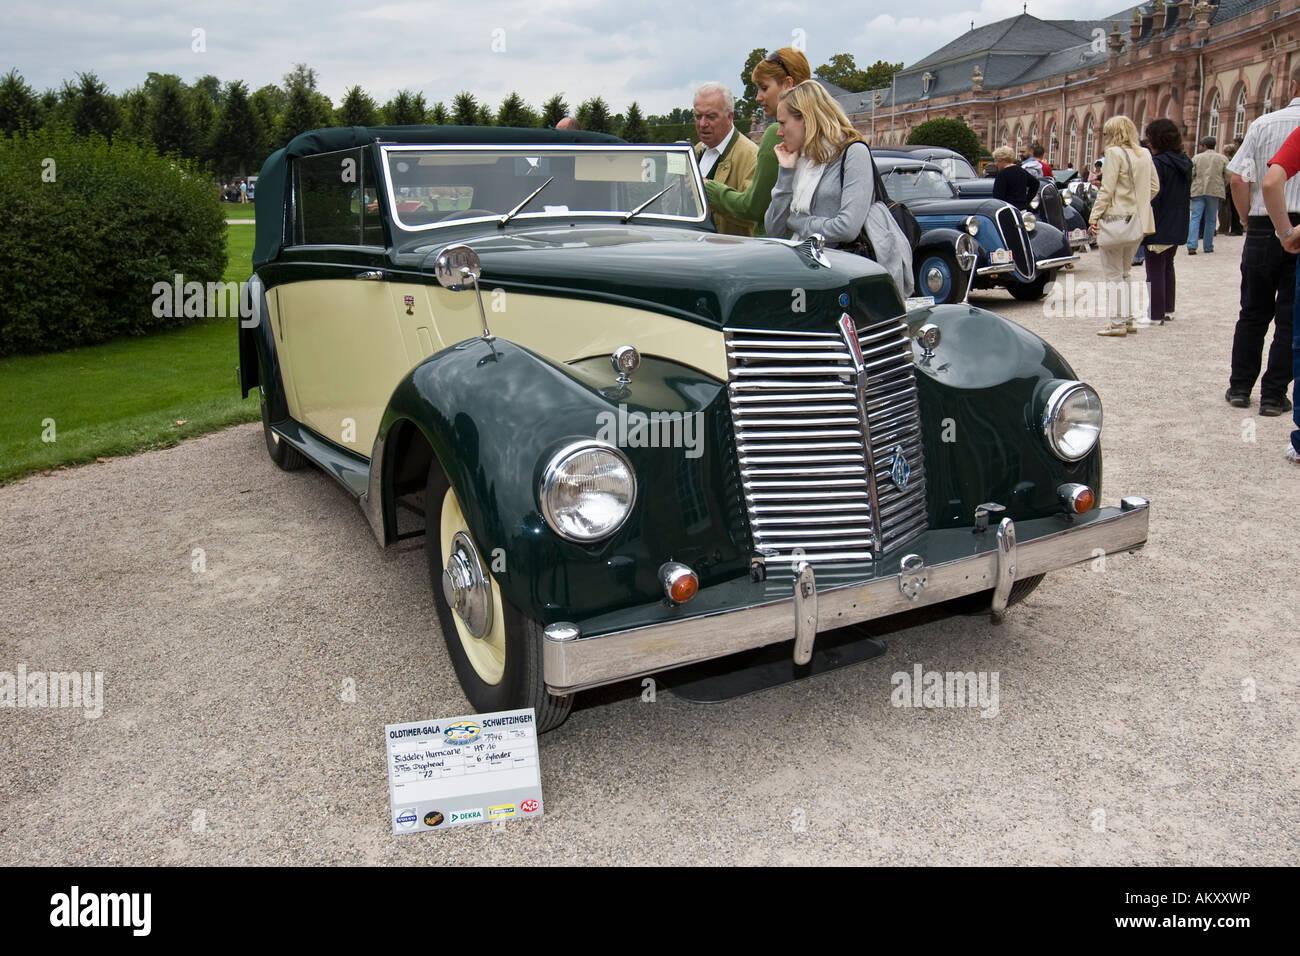 Vintage britische Autoteile